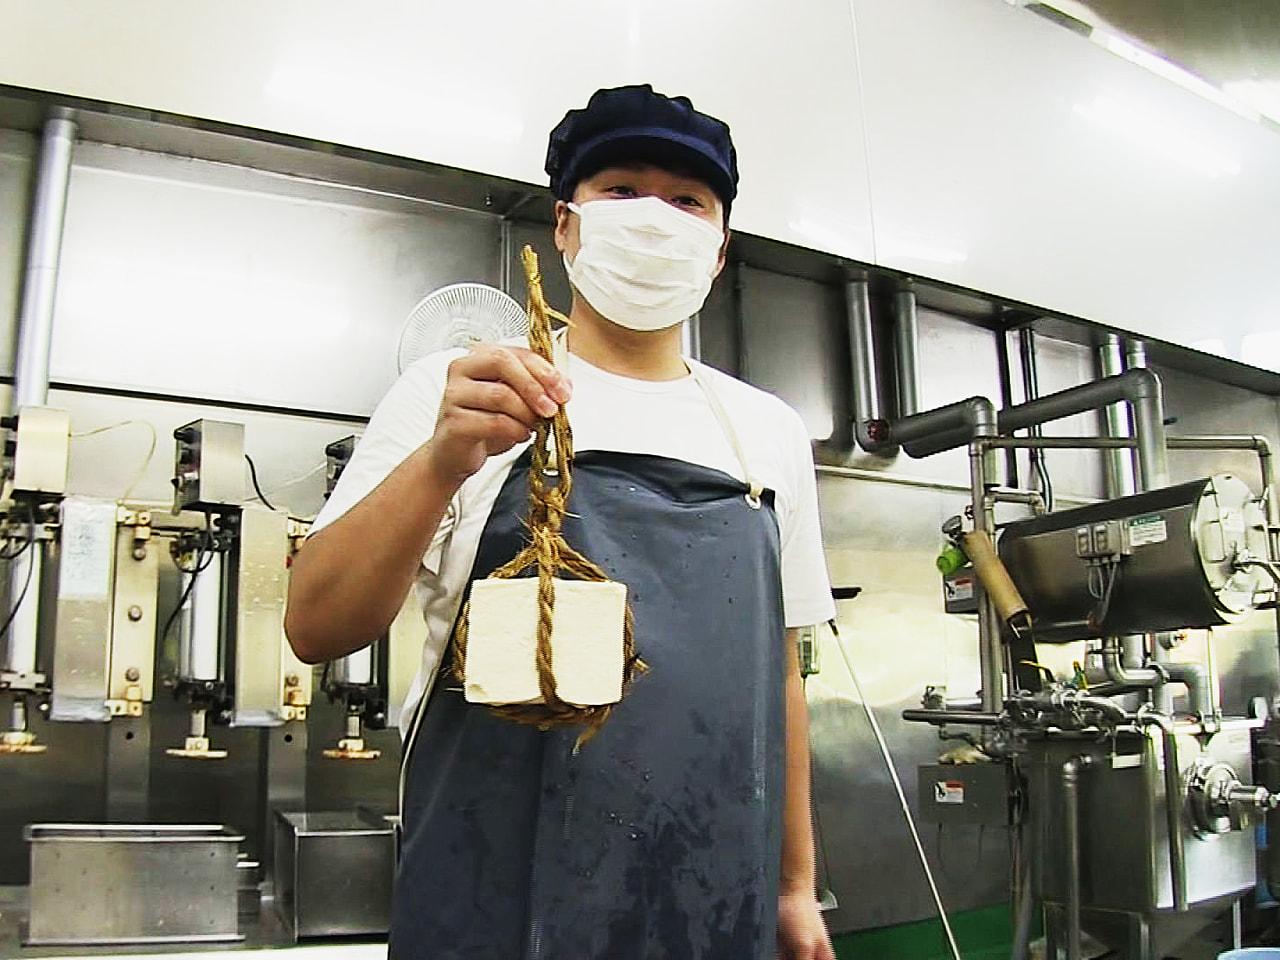 世界遺産白川郷の伝統食材で、縄で縛っても崩れない固い豆腐「石豆富」がよみがえりま...